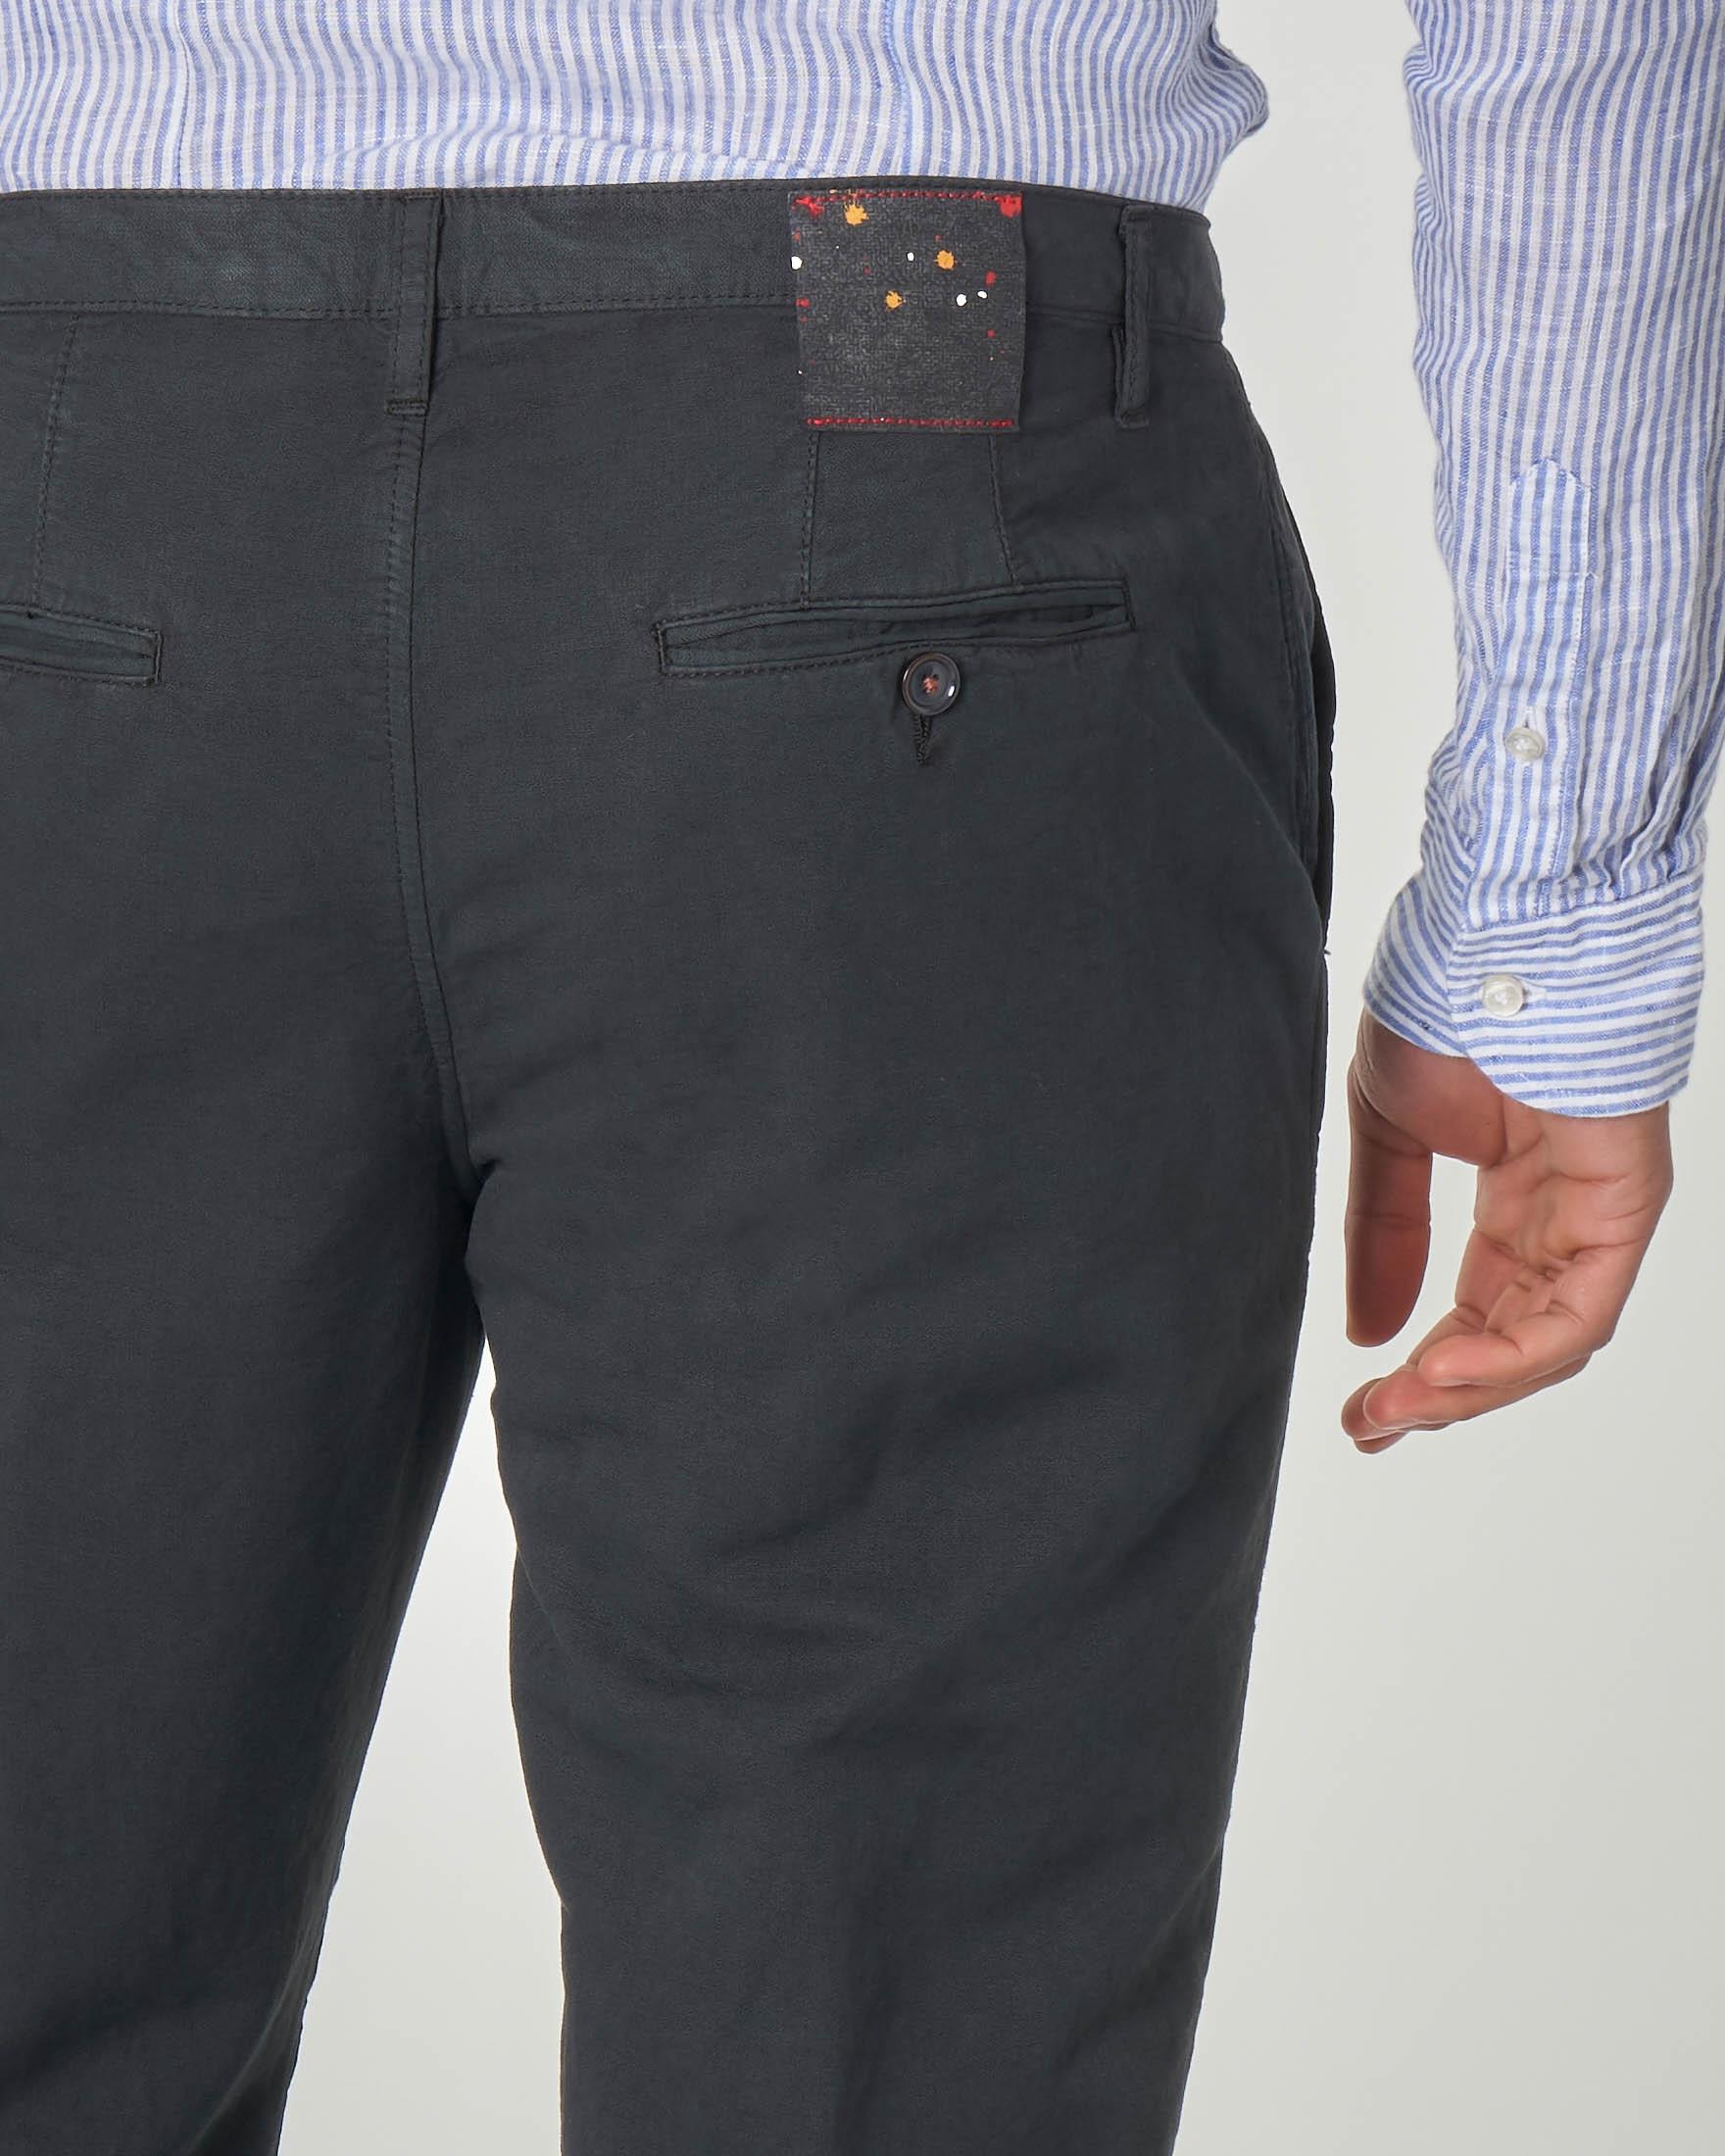 Pantalone chino nero in cotone e lino